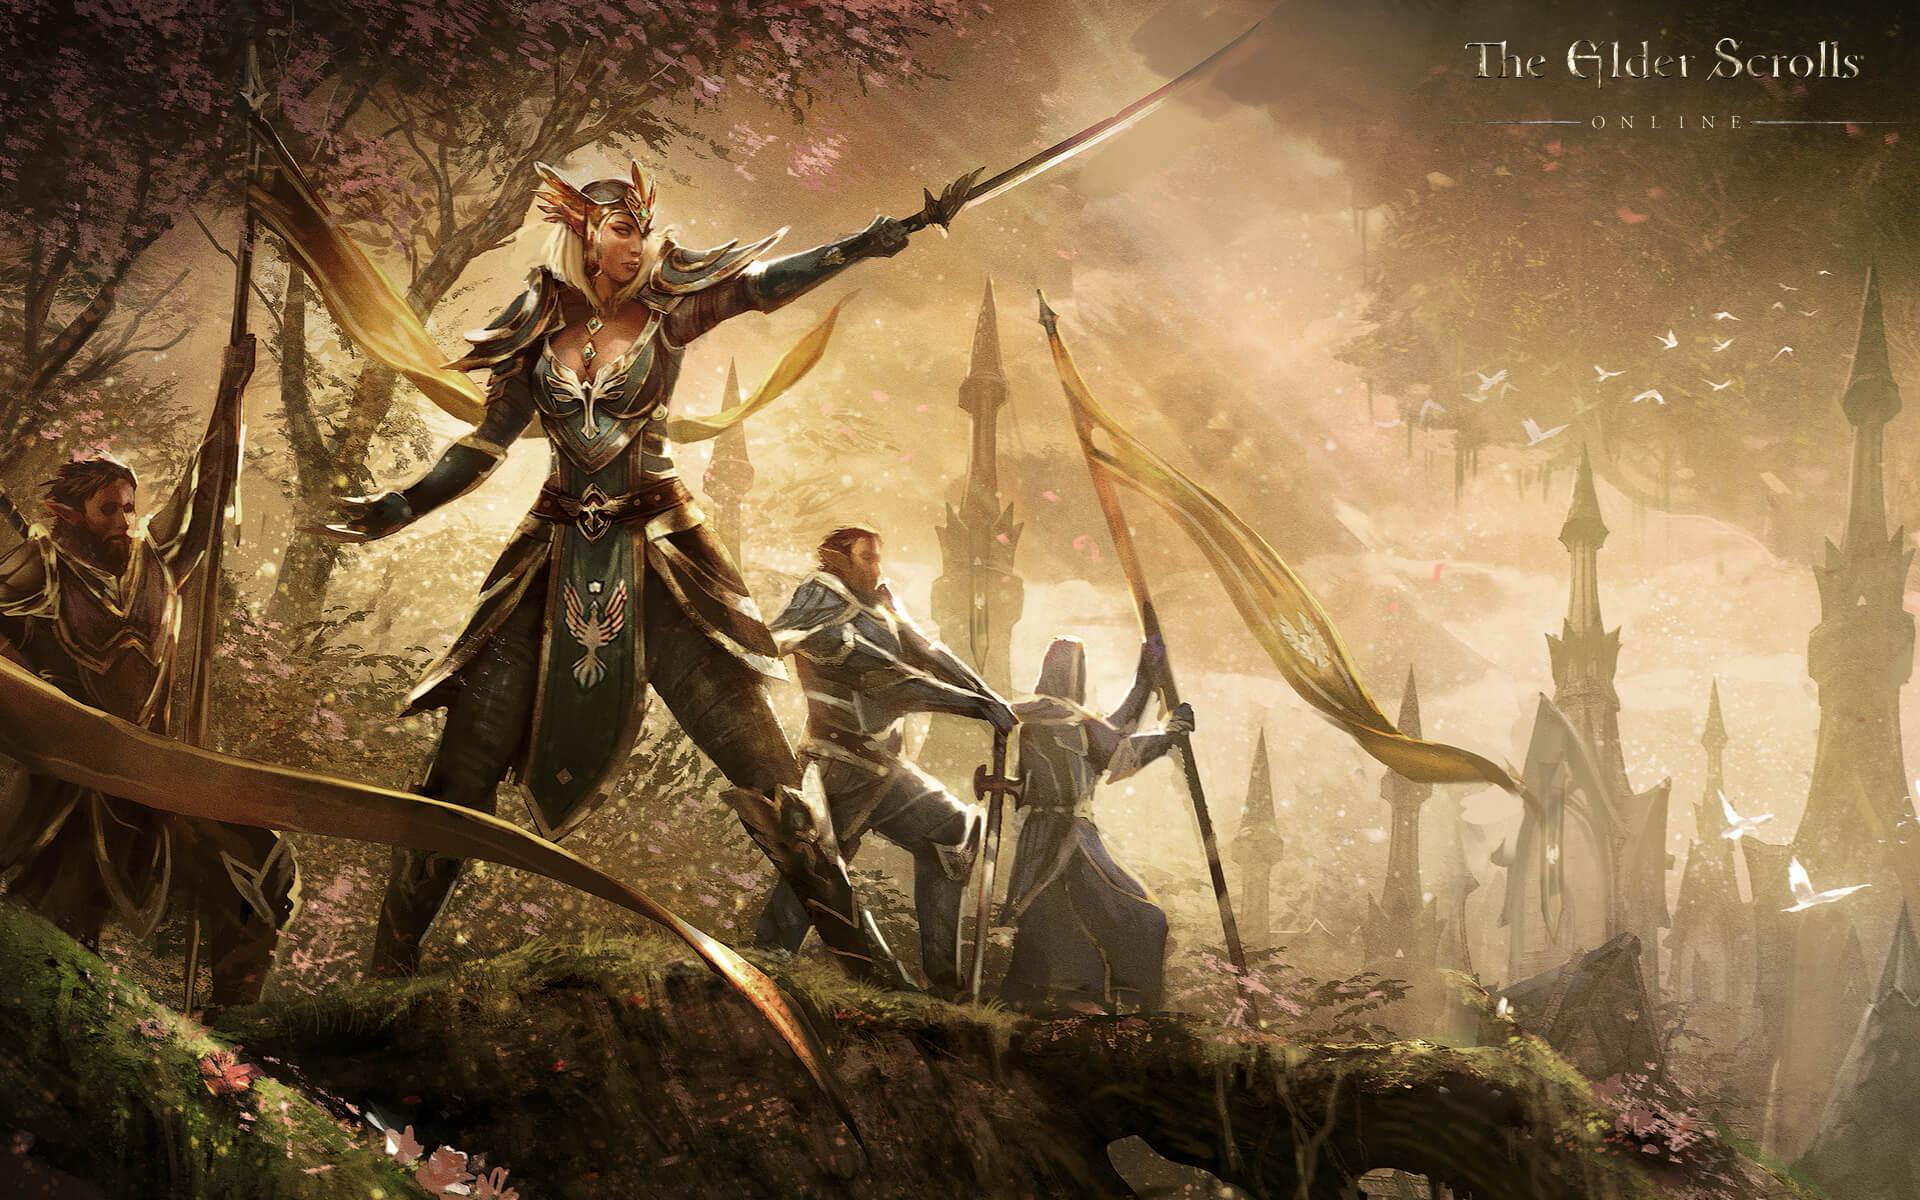 The Elder Scrolls Online - Wallpaper HD - Queen Ayrenn - 1920x1200